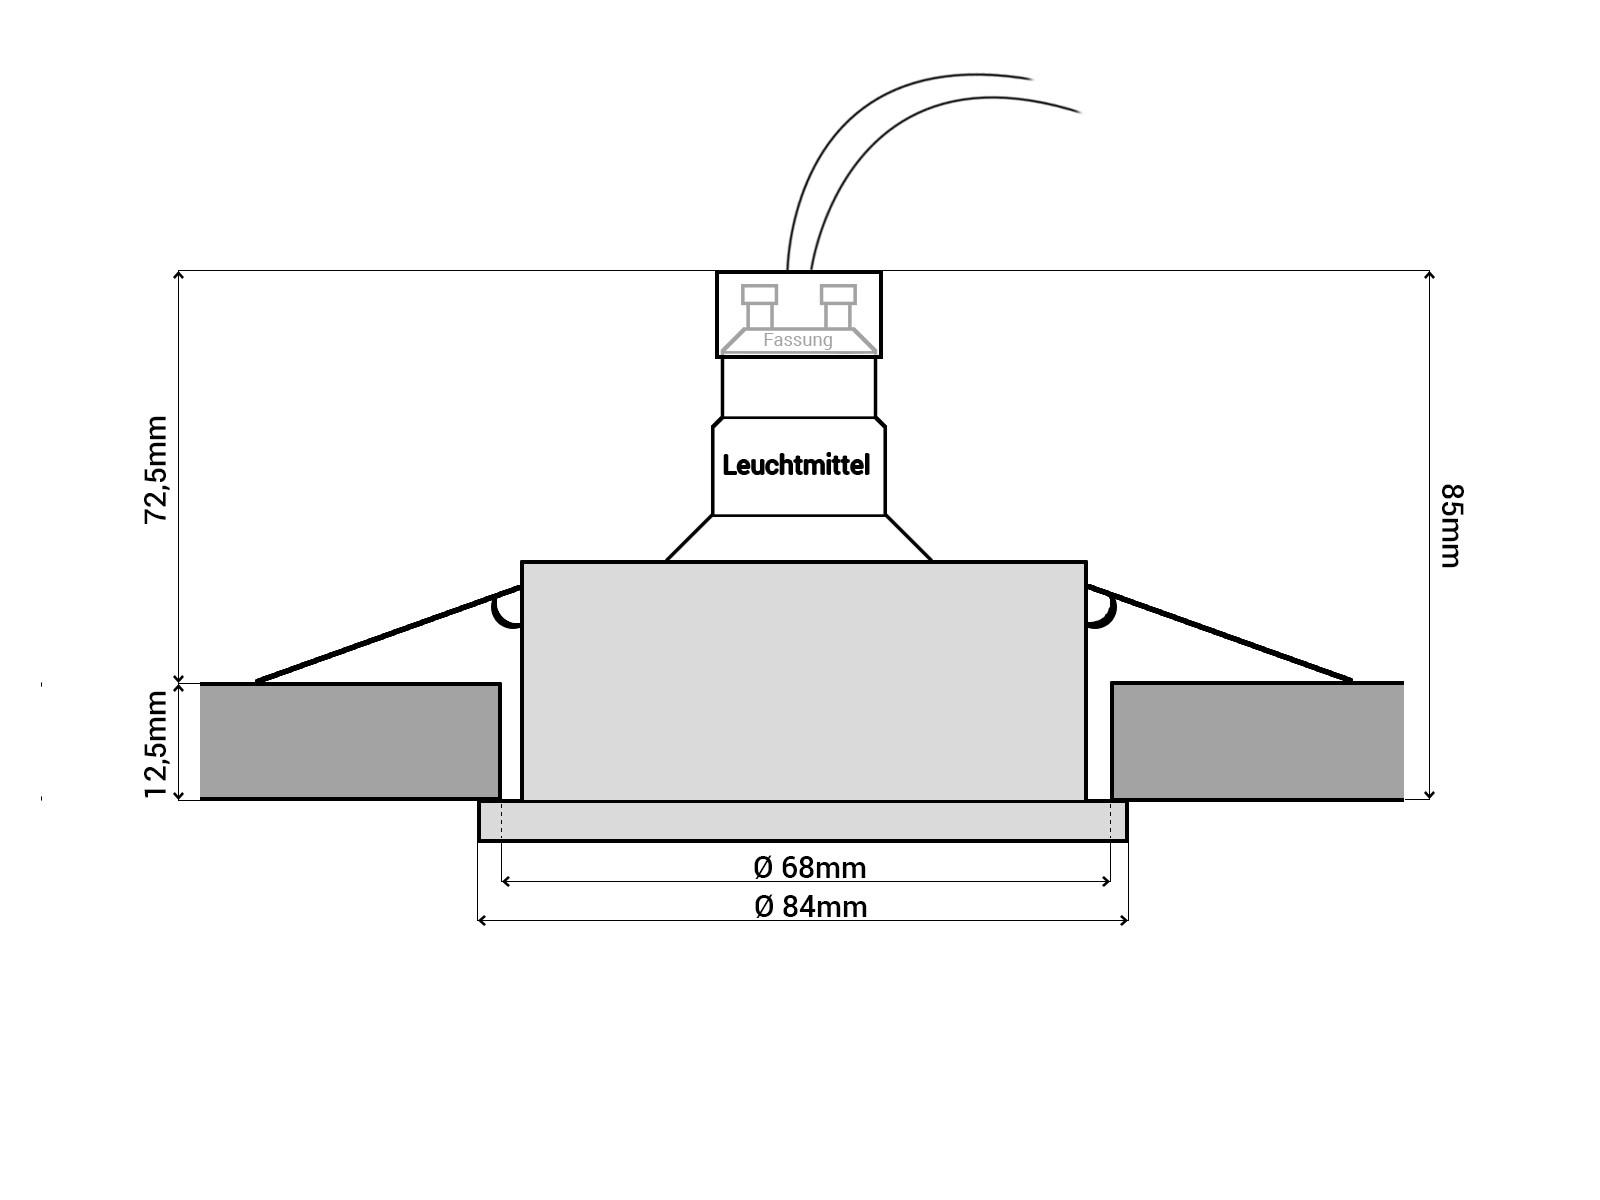 rw-1 led-einbaustrahler weiss, bad dusche aussenbereich feuchtraum